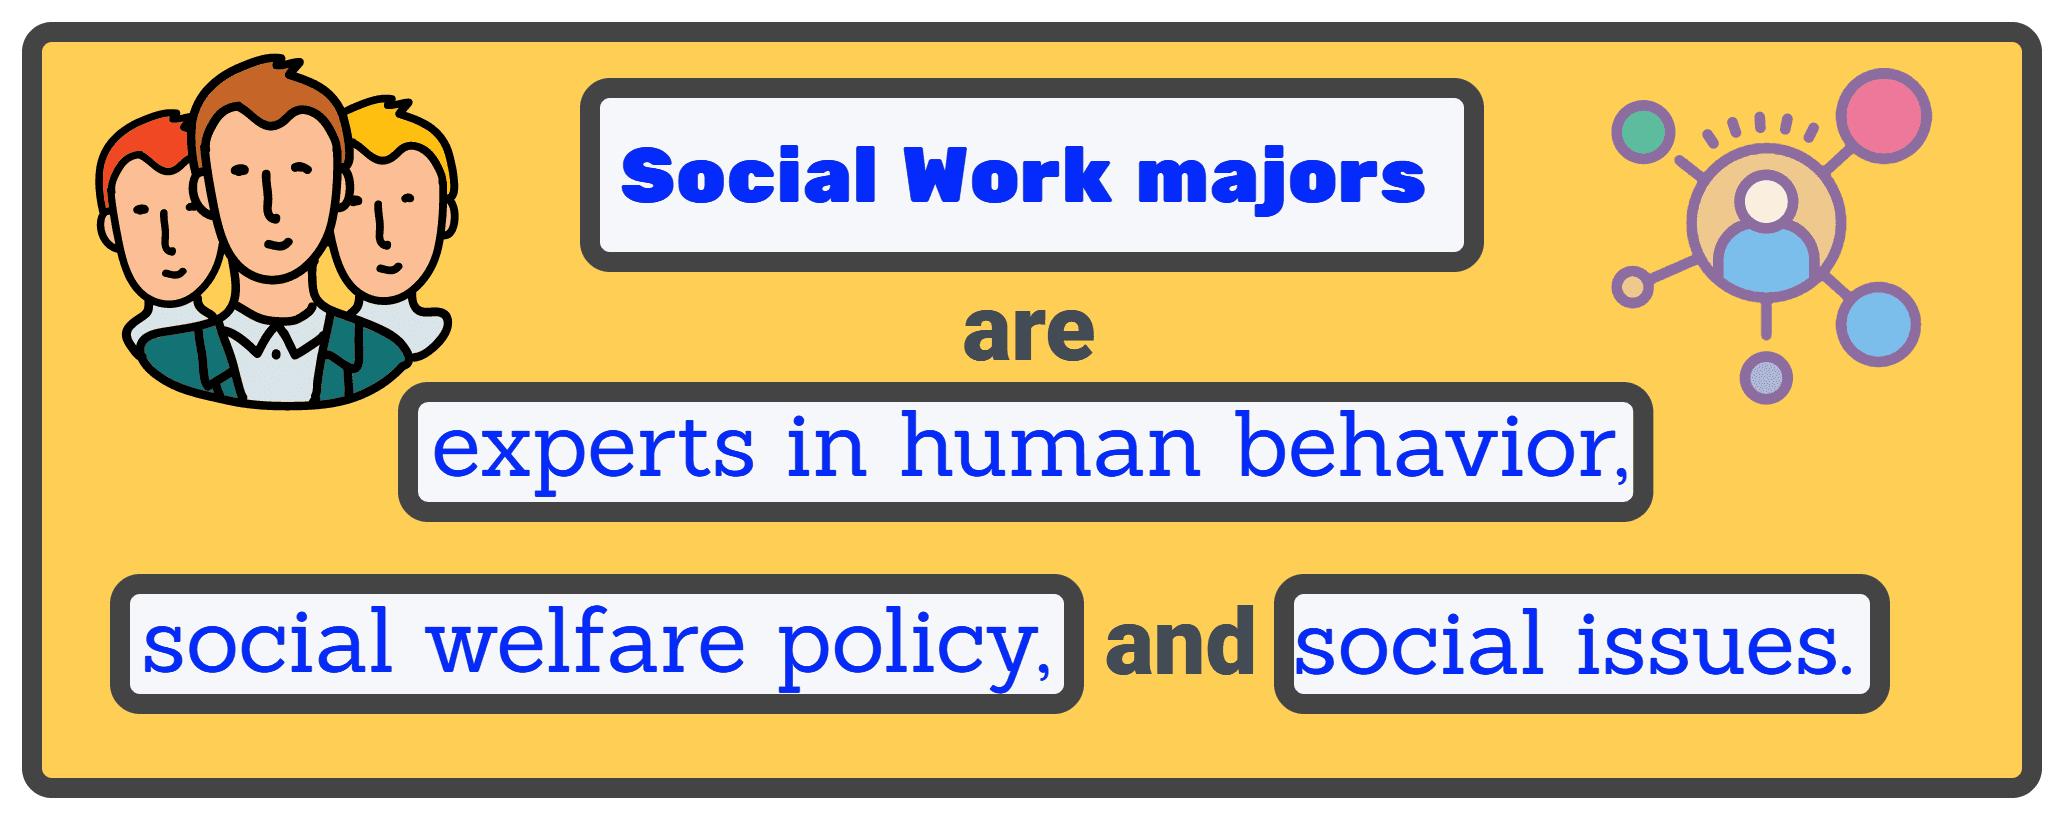 Social Work expertise